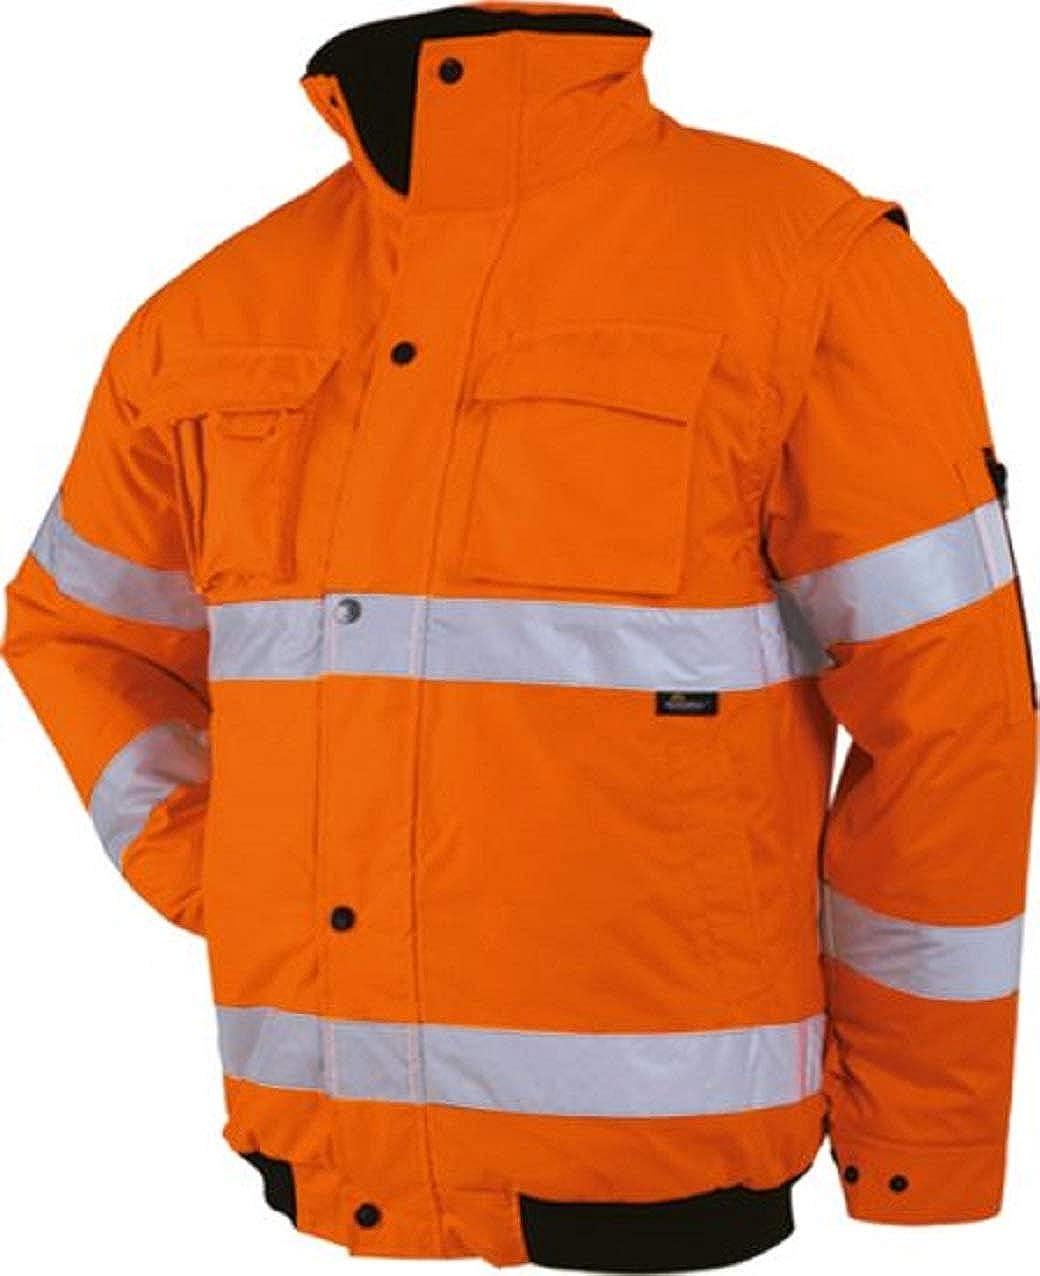 Vizwell-JK60 Warnschutz-Pilotenjacke 2in1 Warnschutzjacke 2in1 orange oder gelb Gr.S - 5XL